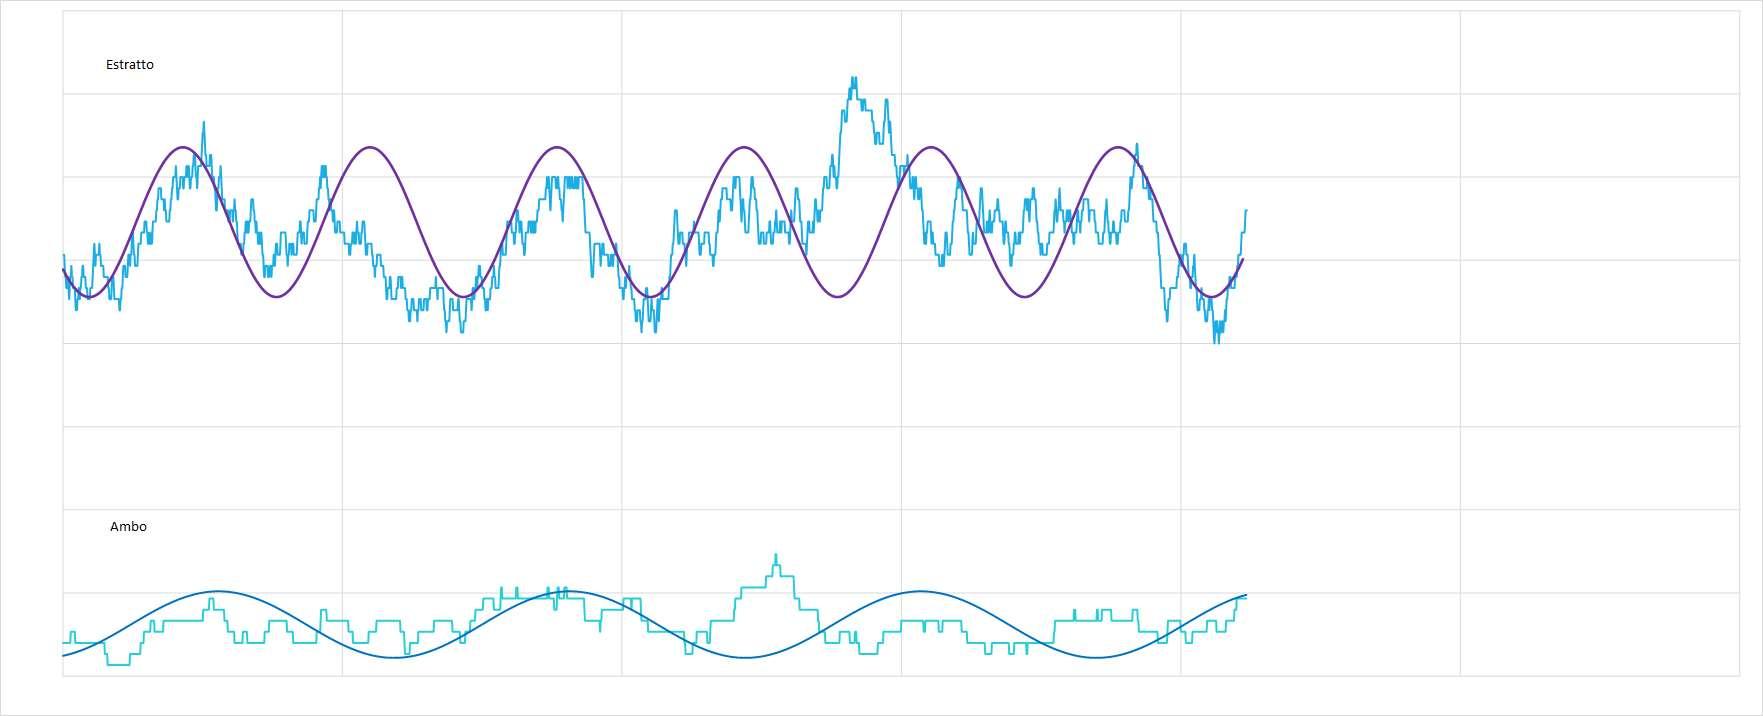 Ipotetico andamento sinusoidale interpolante per le medie dell'estratto e dell'ambo - Aggiornato all'estrazione precedente il 2 Marzo 2021